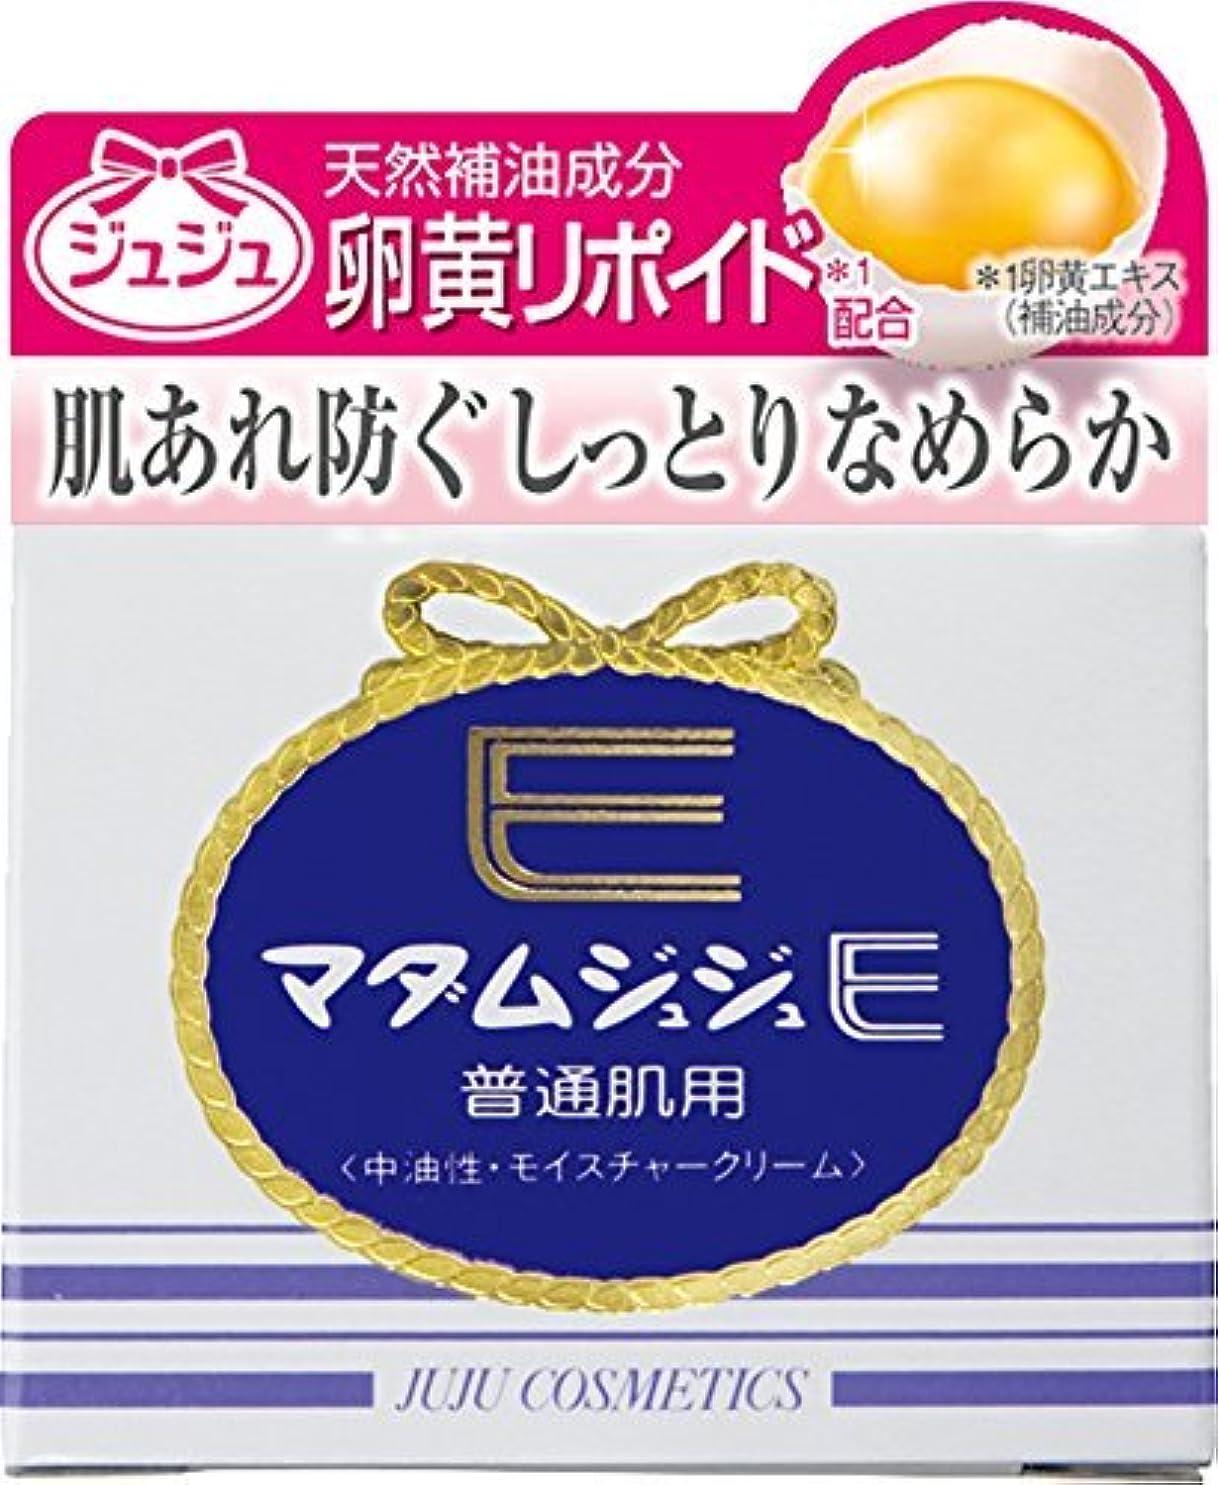 ピンポイント実施する永遠のマダムジュジュE クリーム ビタミンE+卵黄リポイド配合 52g